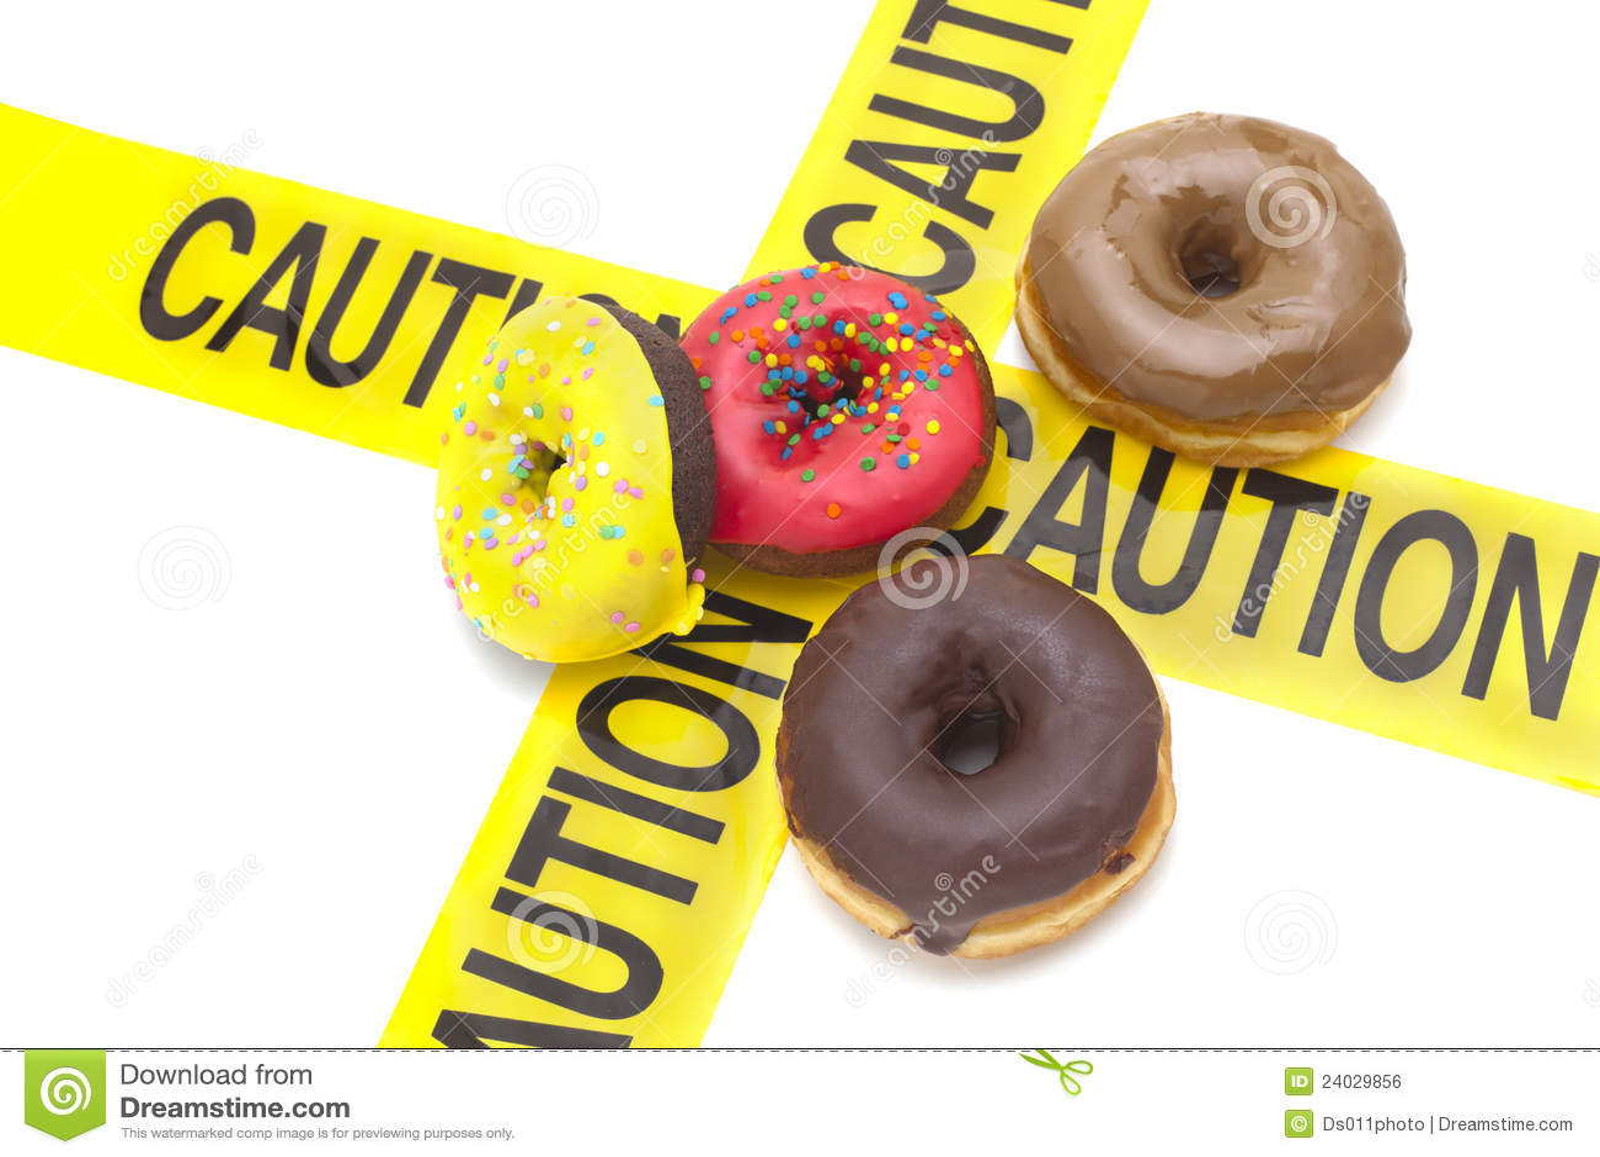 Aviso elevado dietético da caloria